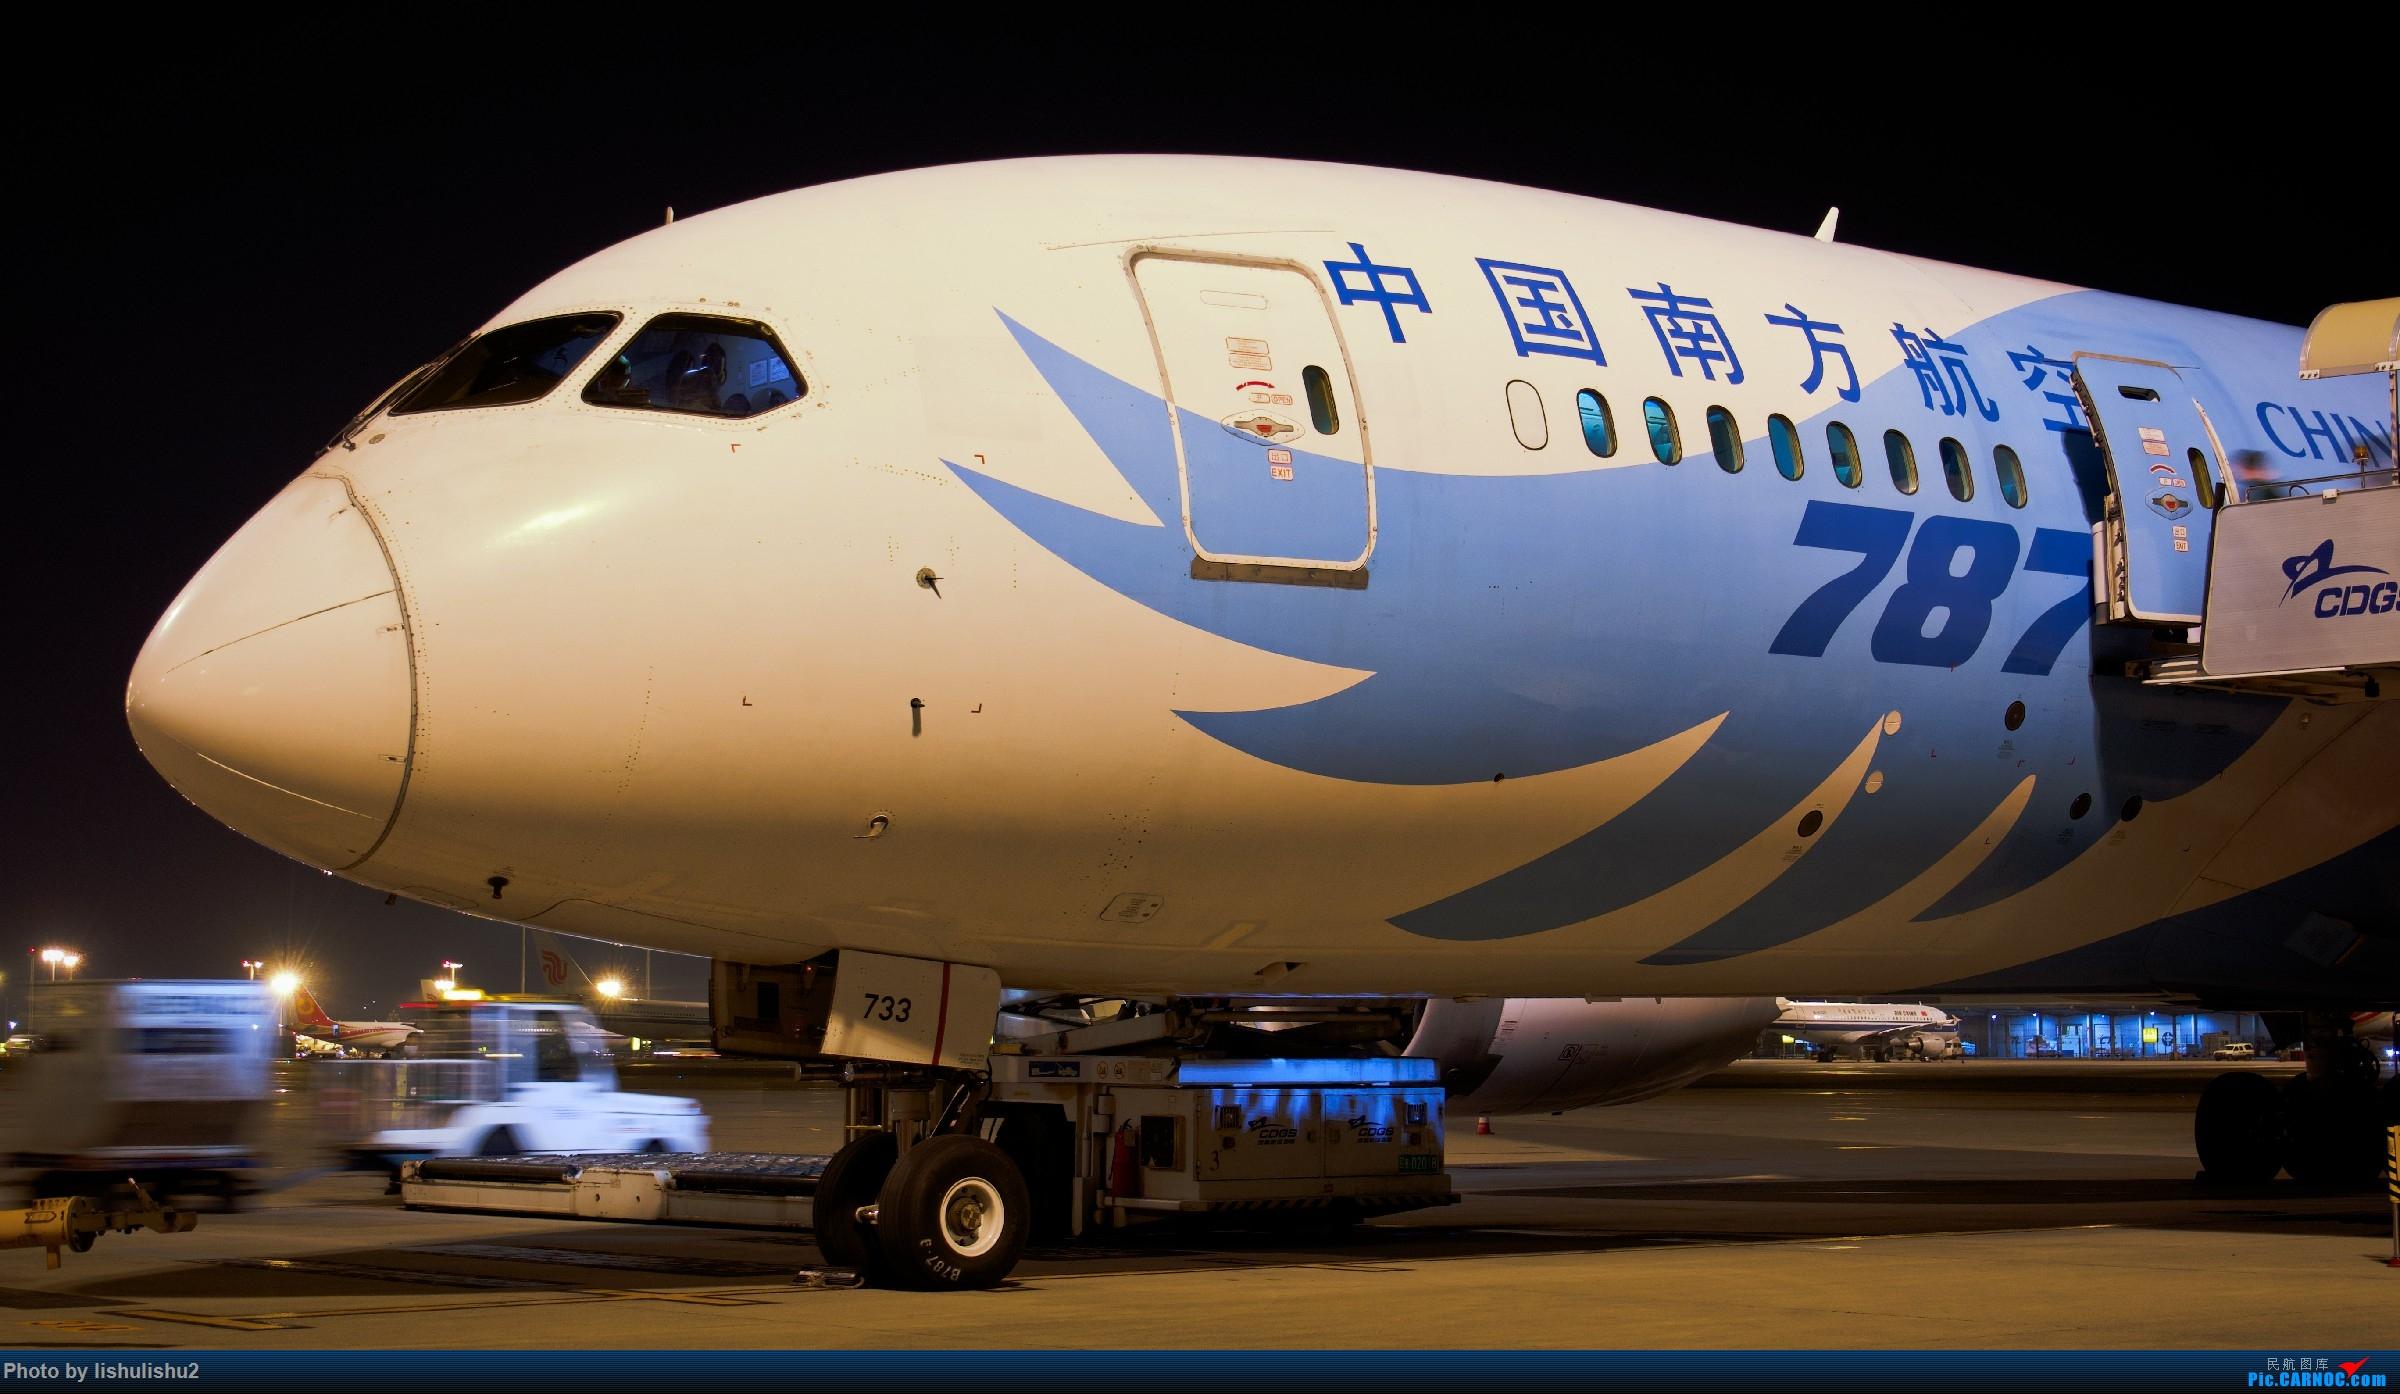 Re:【CTU】成都内场夜拍 BOEING 787-8 B-2733 ZUUU